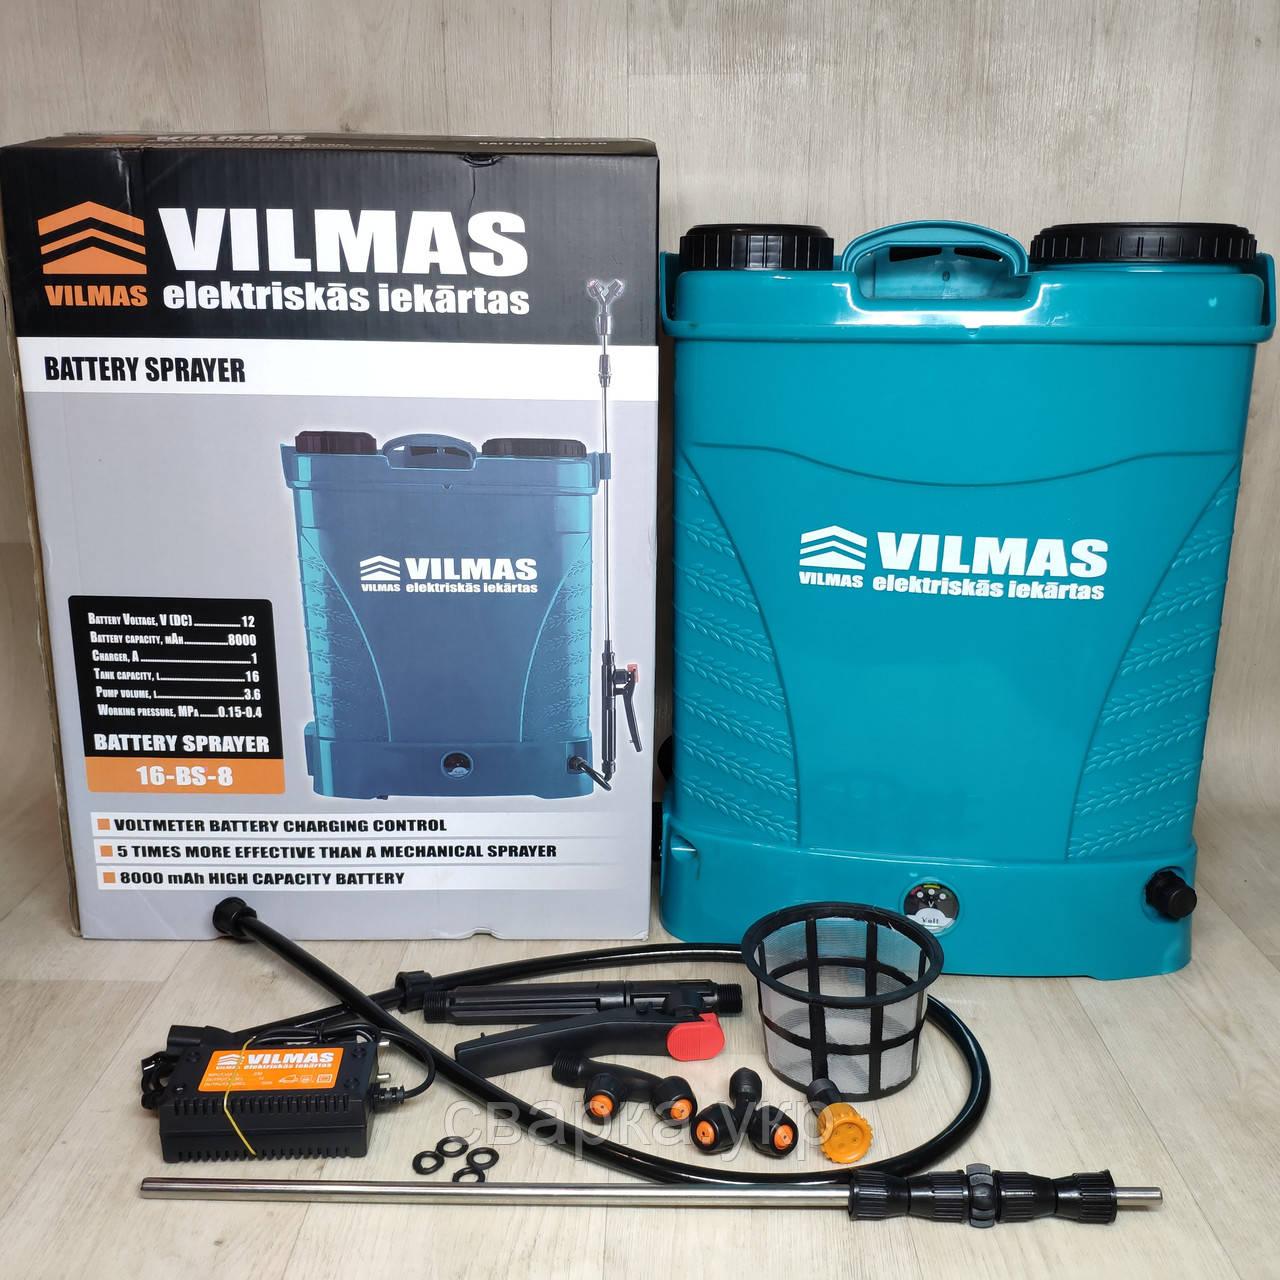 Аккумуляторный садовый опрыскиватель Vilmas 16 BS 8 Ач